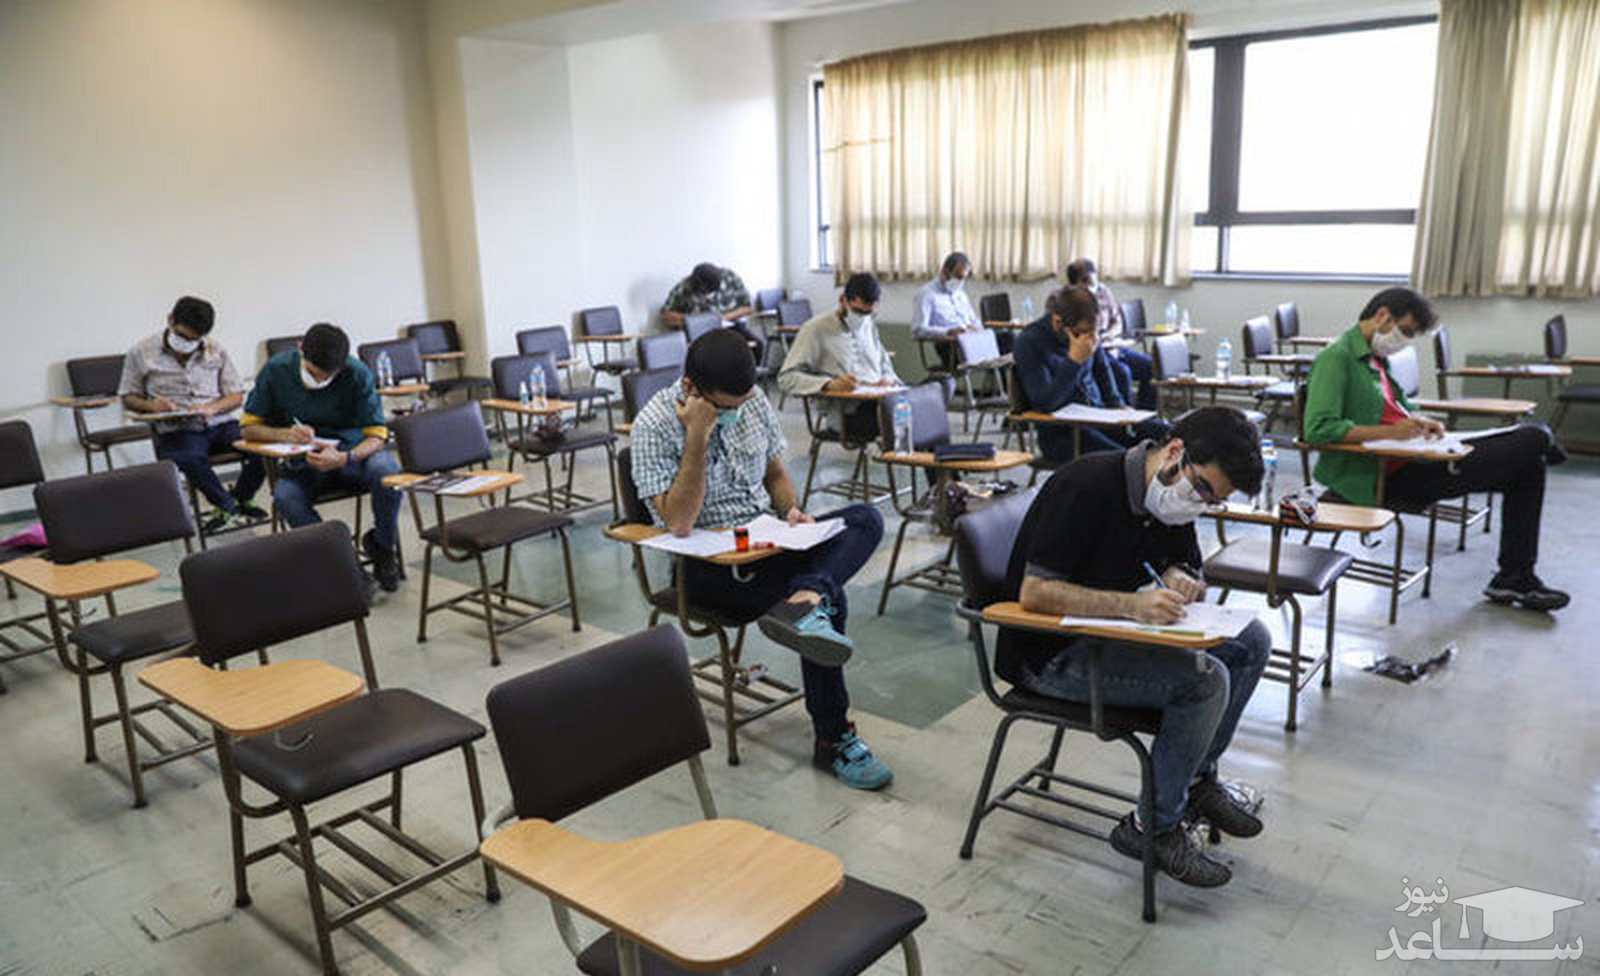 ظرفیت ۱۵۷ هزار نفری کنکور ارشد/ برگزاری آزمون در ۸۰ شهر کشور